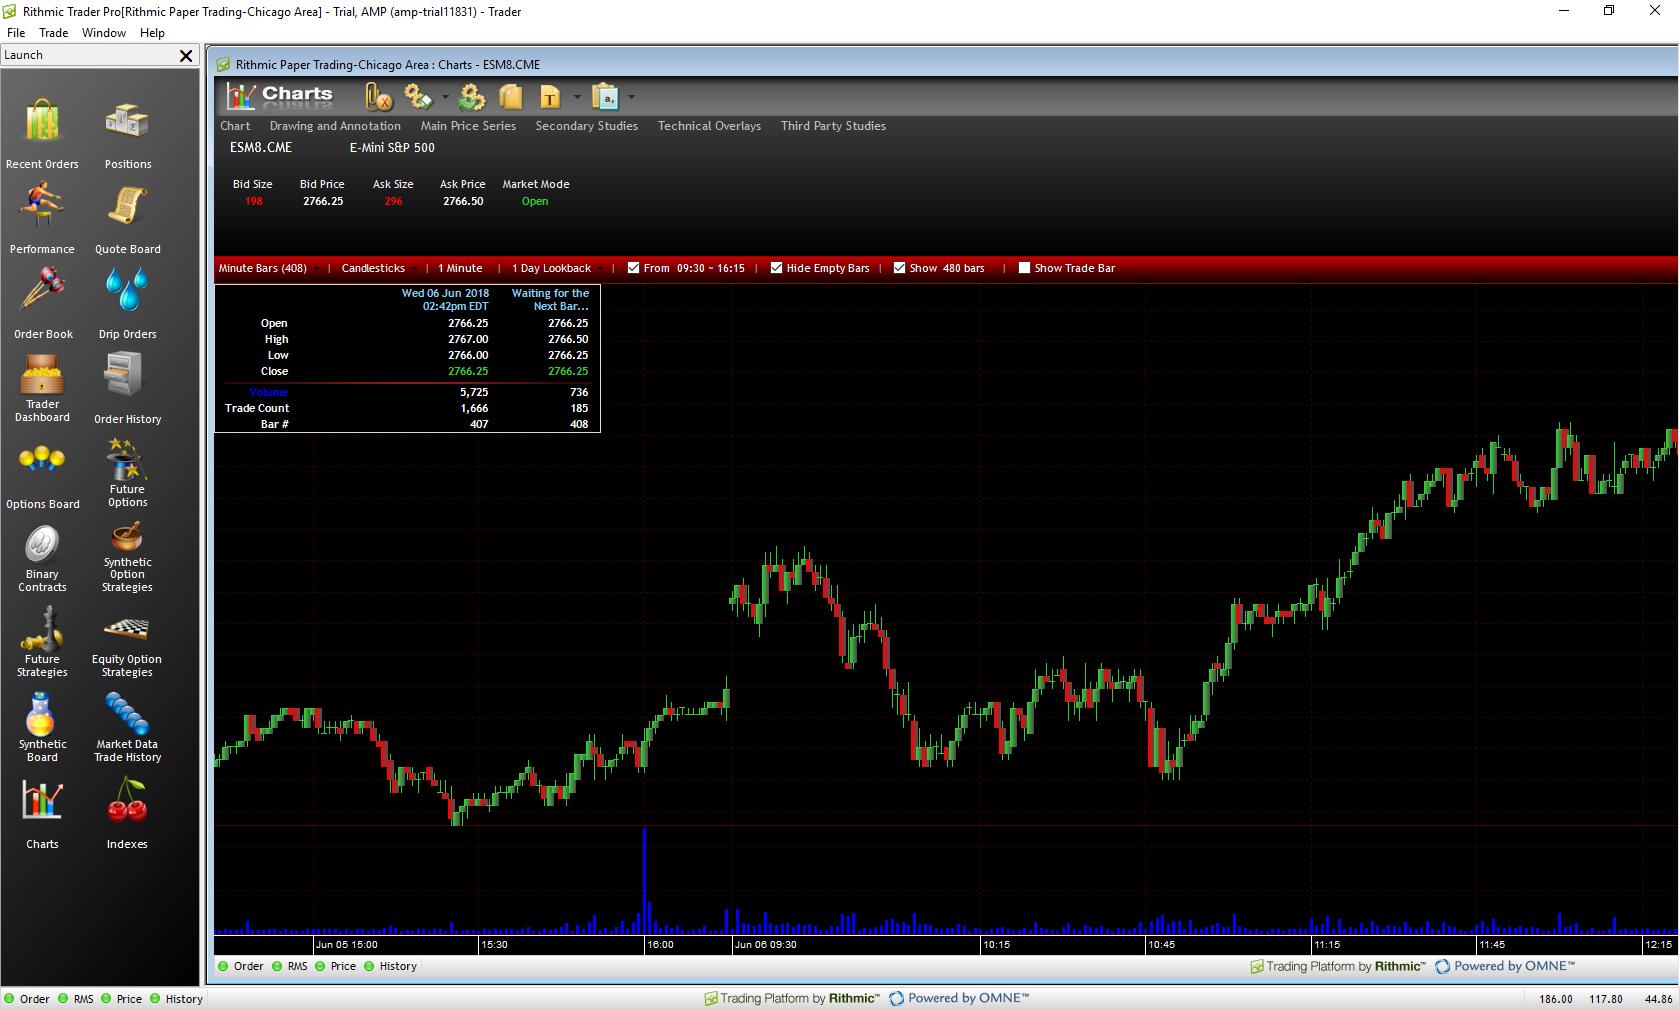 RTPro Chart Img 8